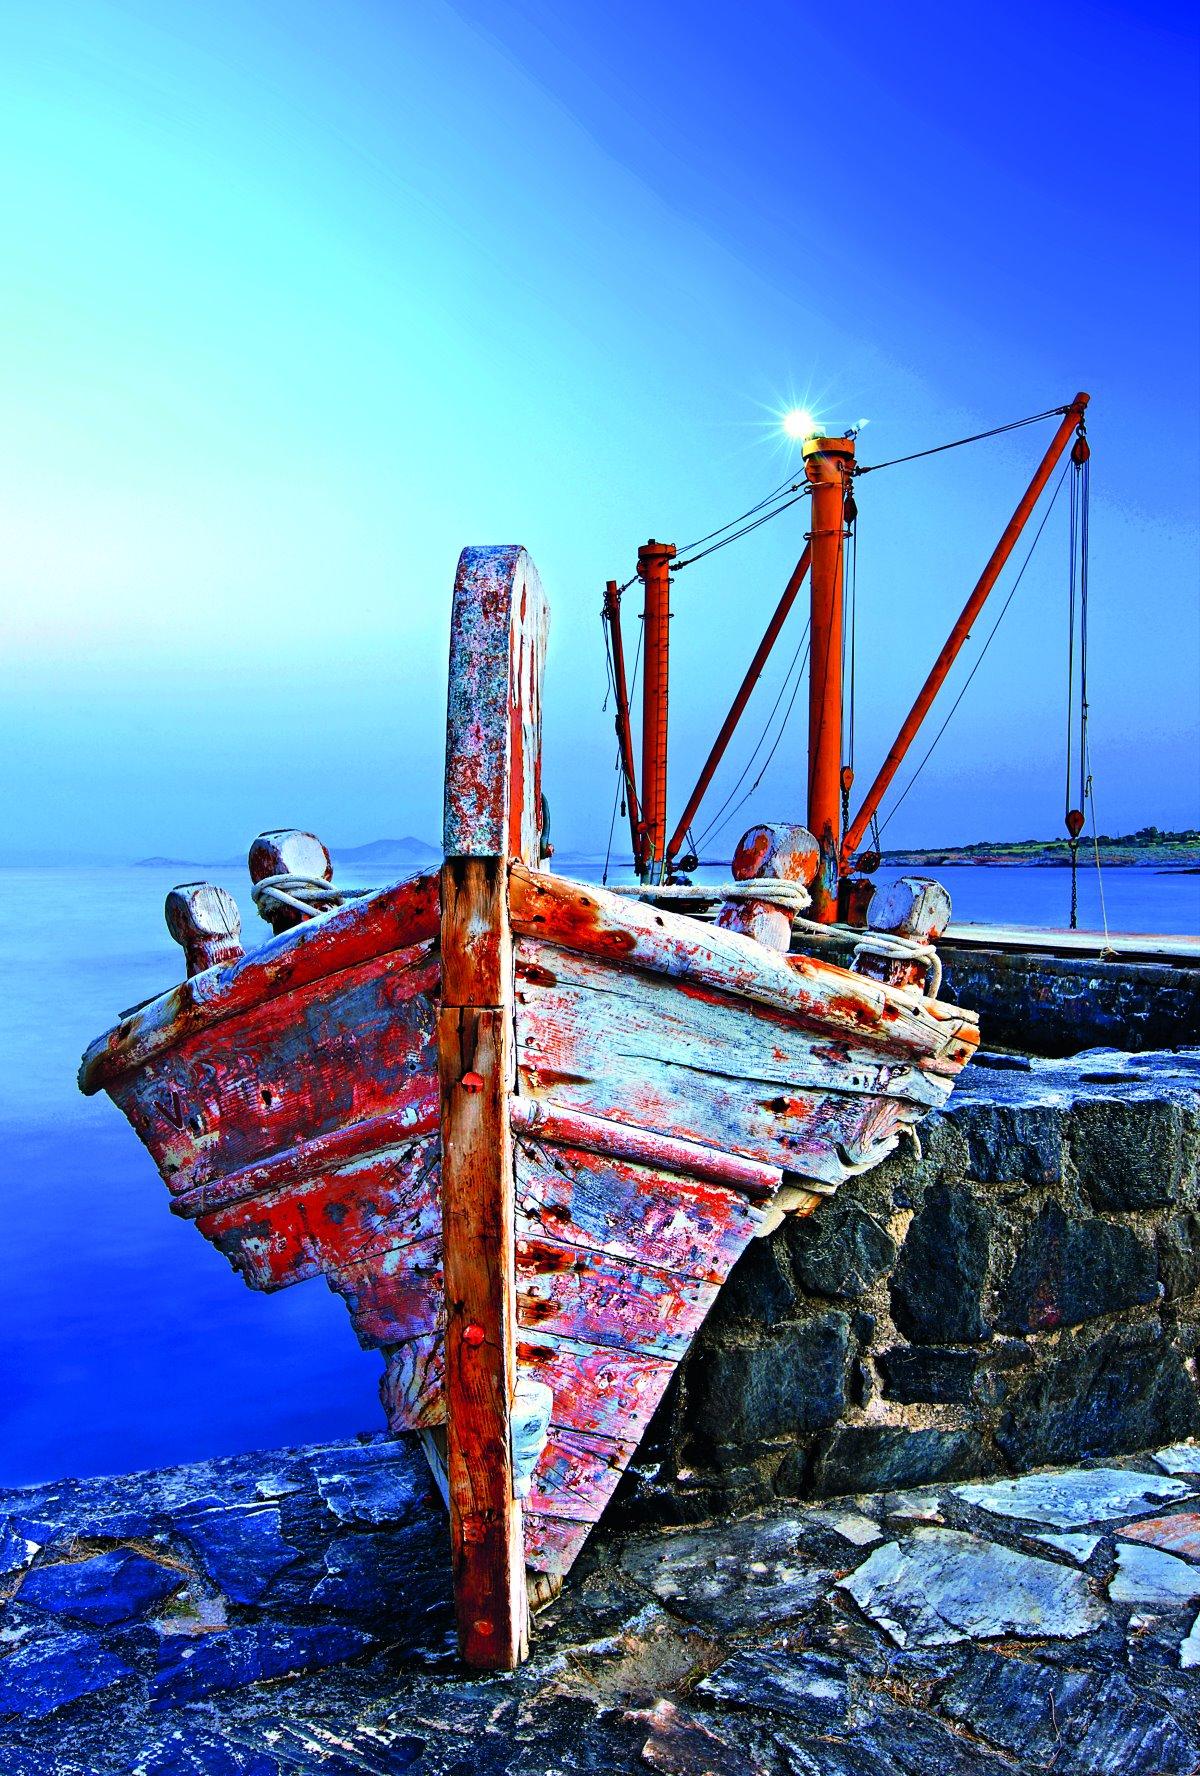 """Στον παραθαλάσσιο οικισμό Μουτσούνα, """"λιμάνι"""" του χωριού Απείρανθος"""